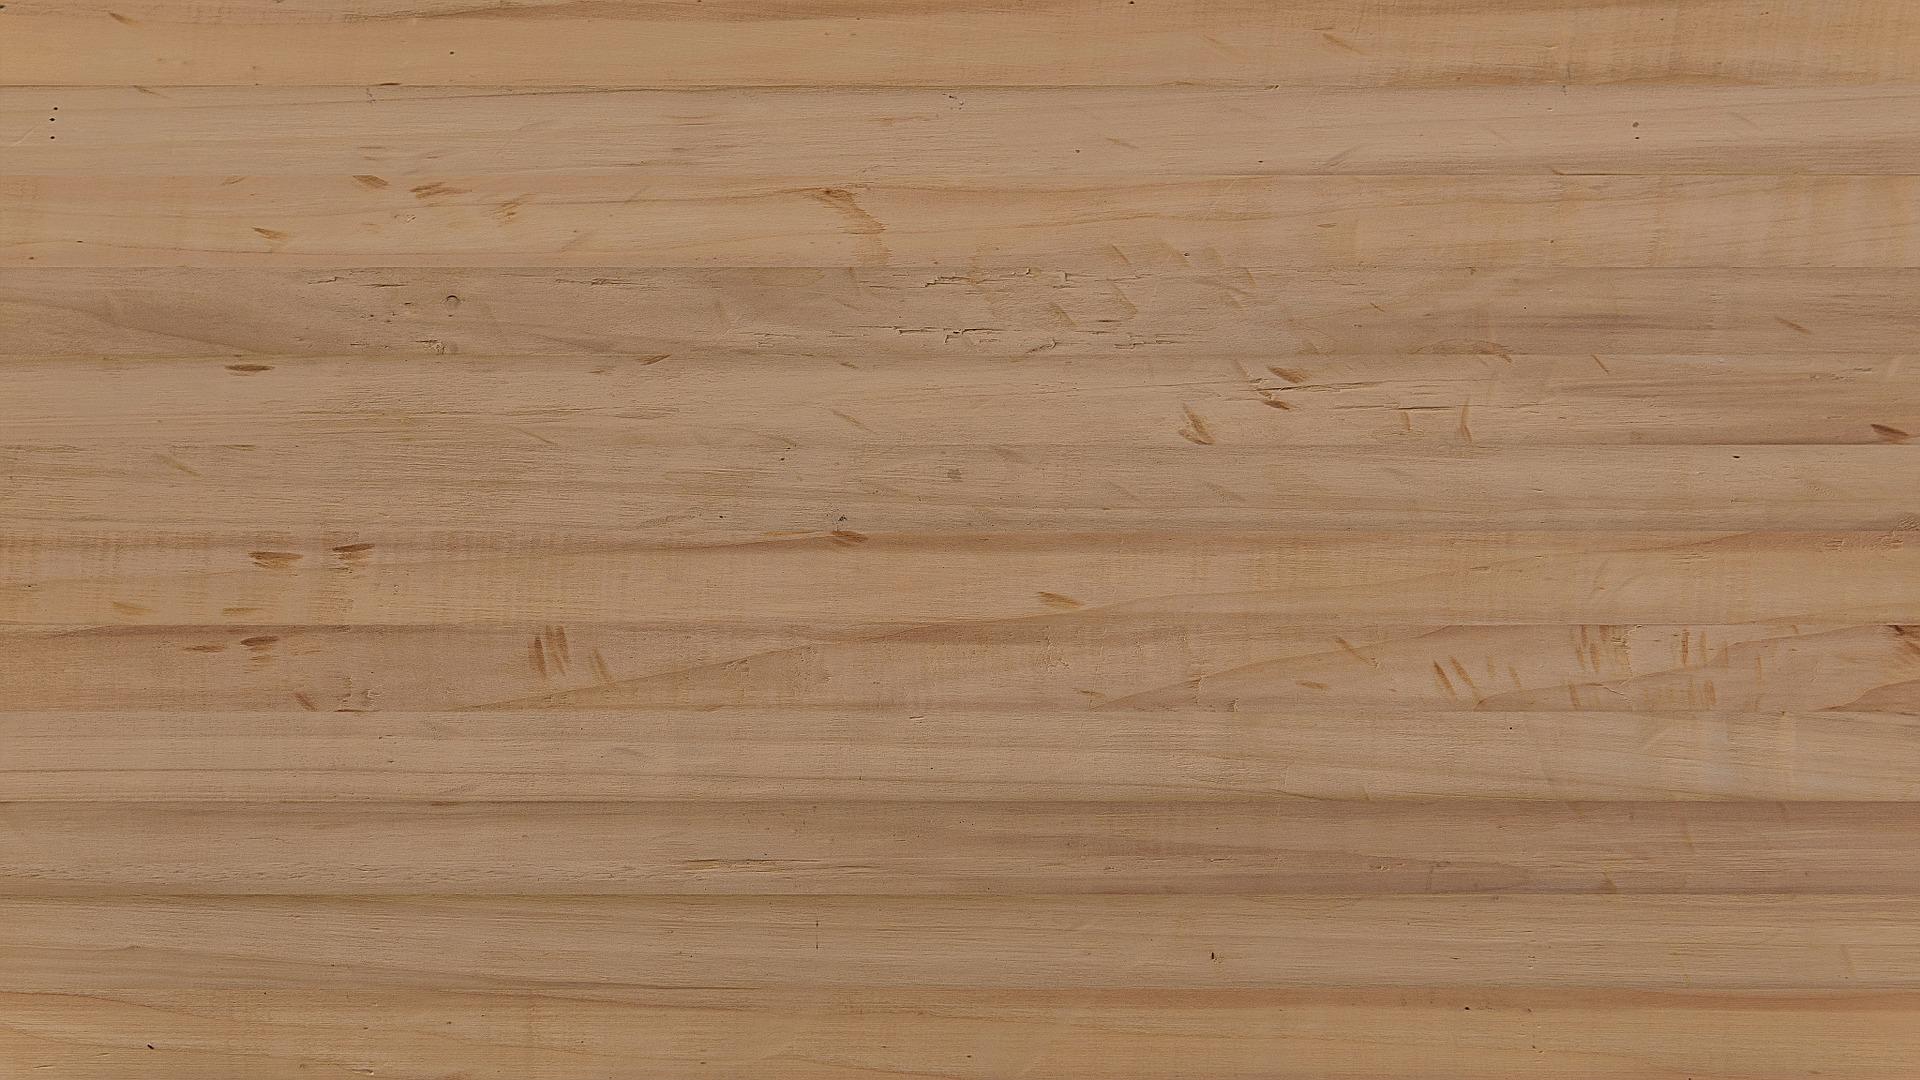 bij een laminaat vloer dien je met name op de dikte en het profiel van de vloer te letten